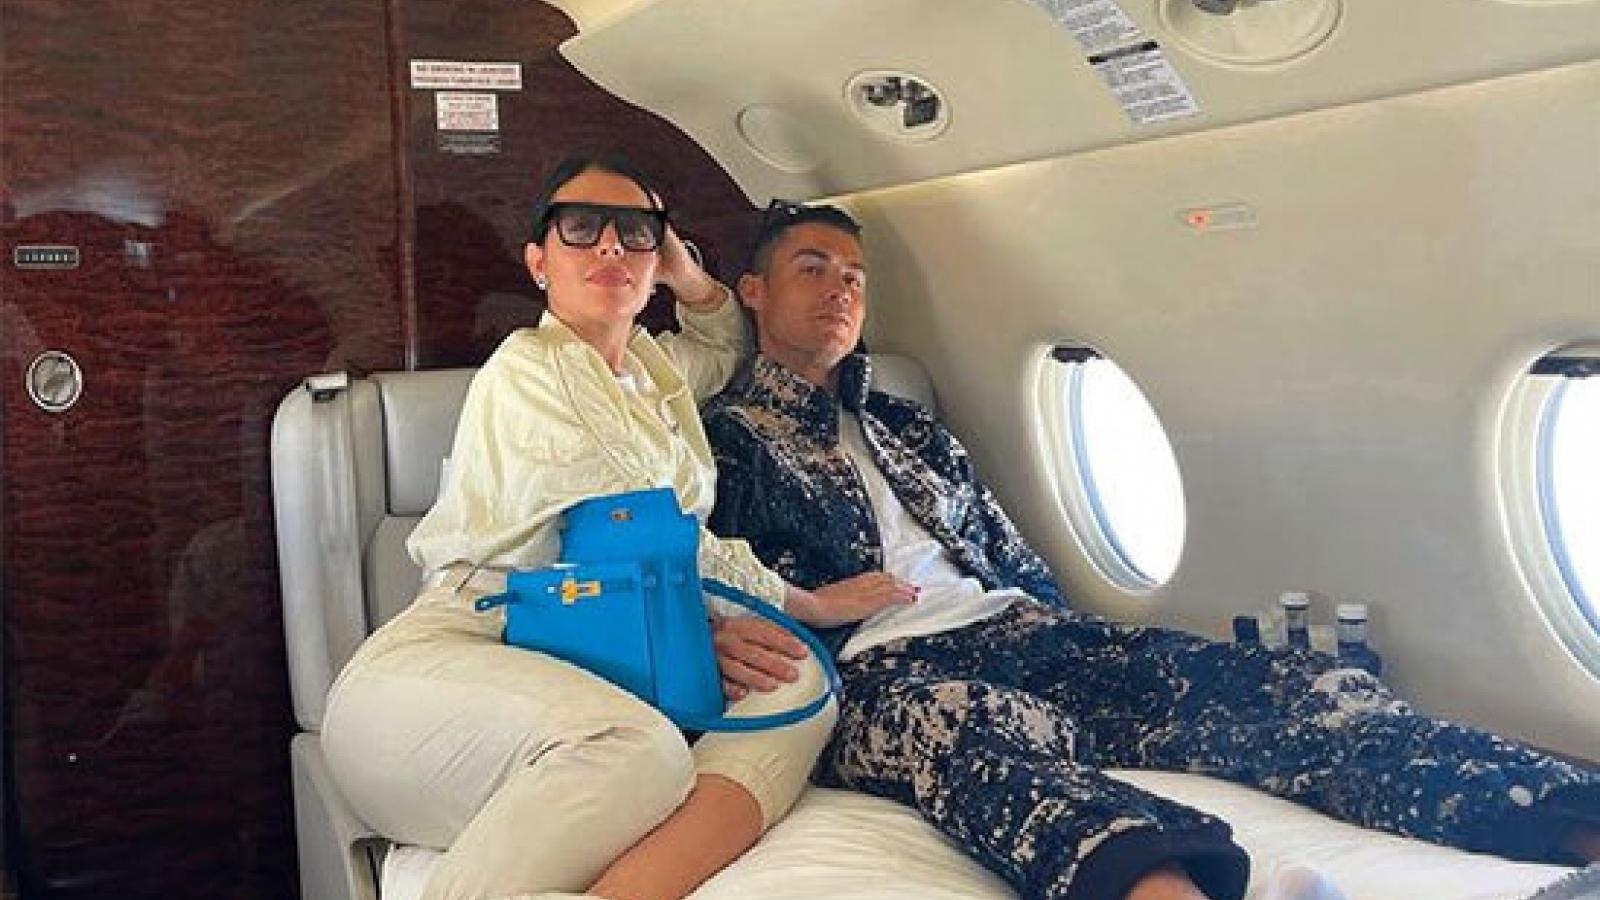 Bạn gái khoe khoảnh khắc tình tứ bên C.Ronaldo trên máy bay riêng